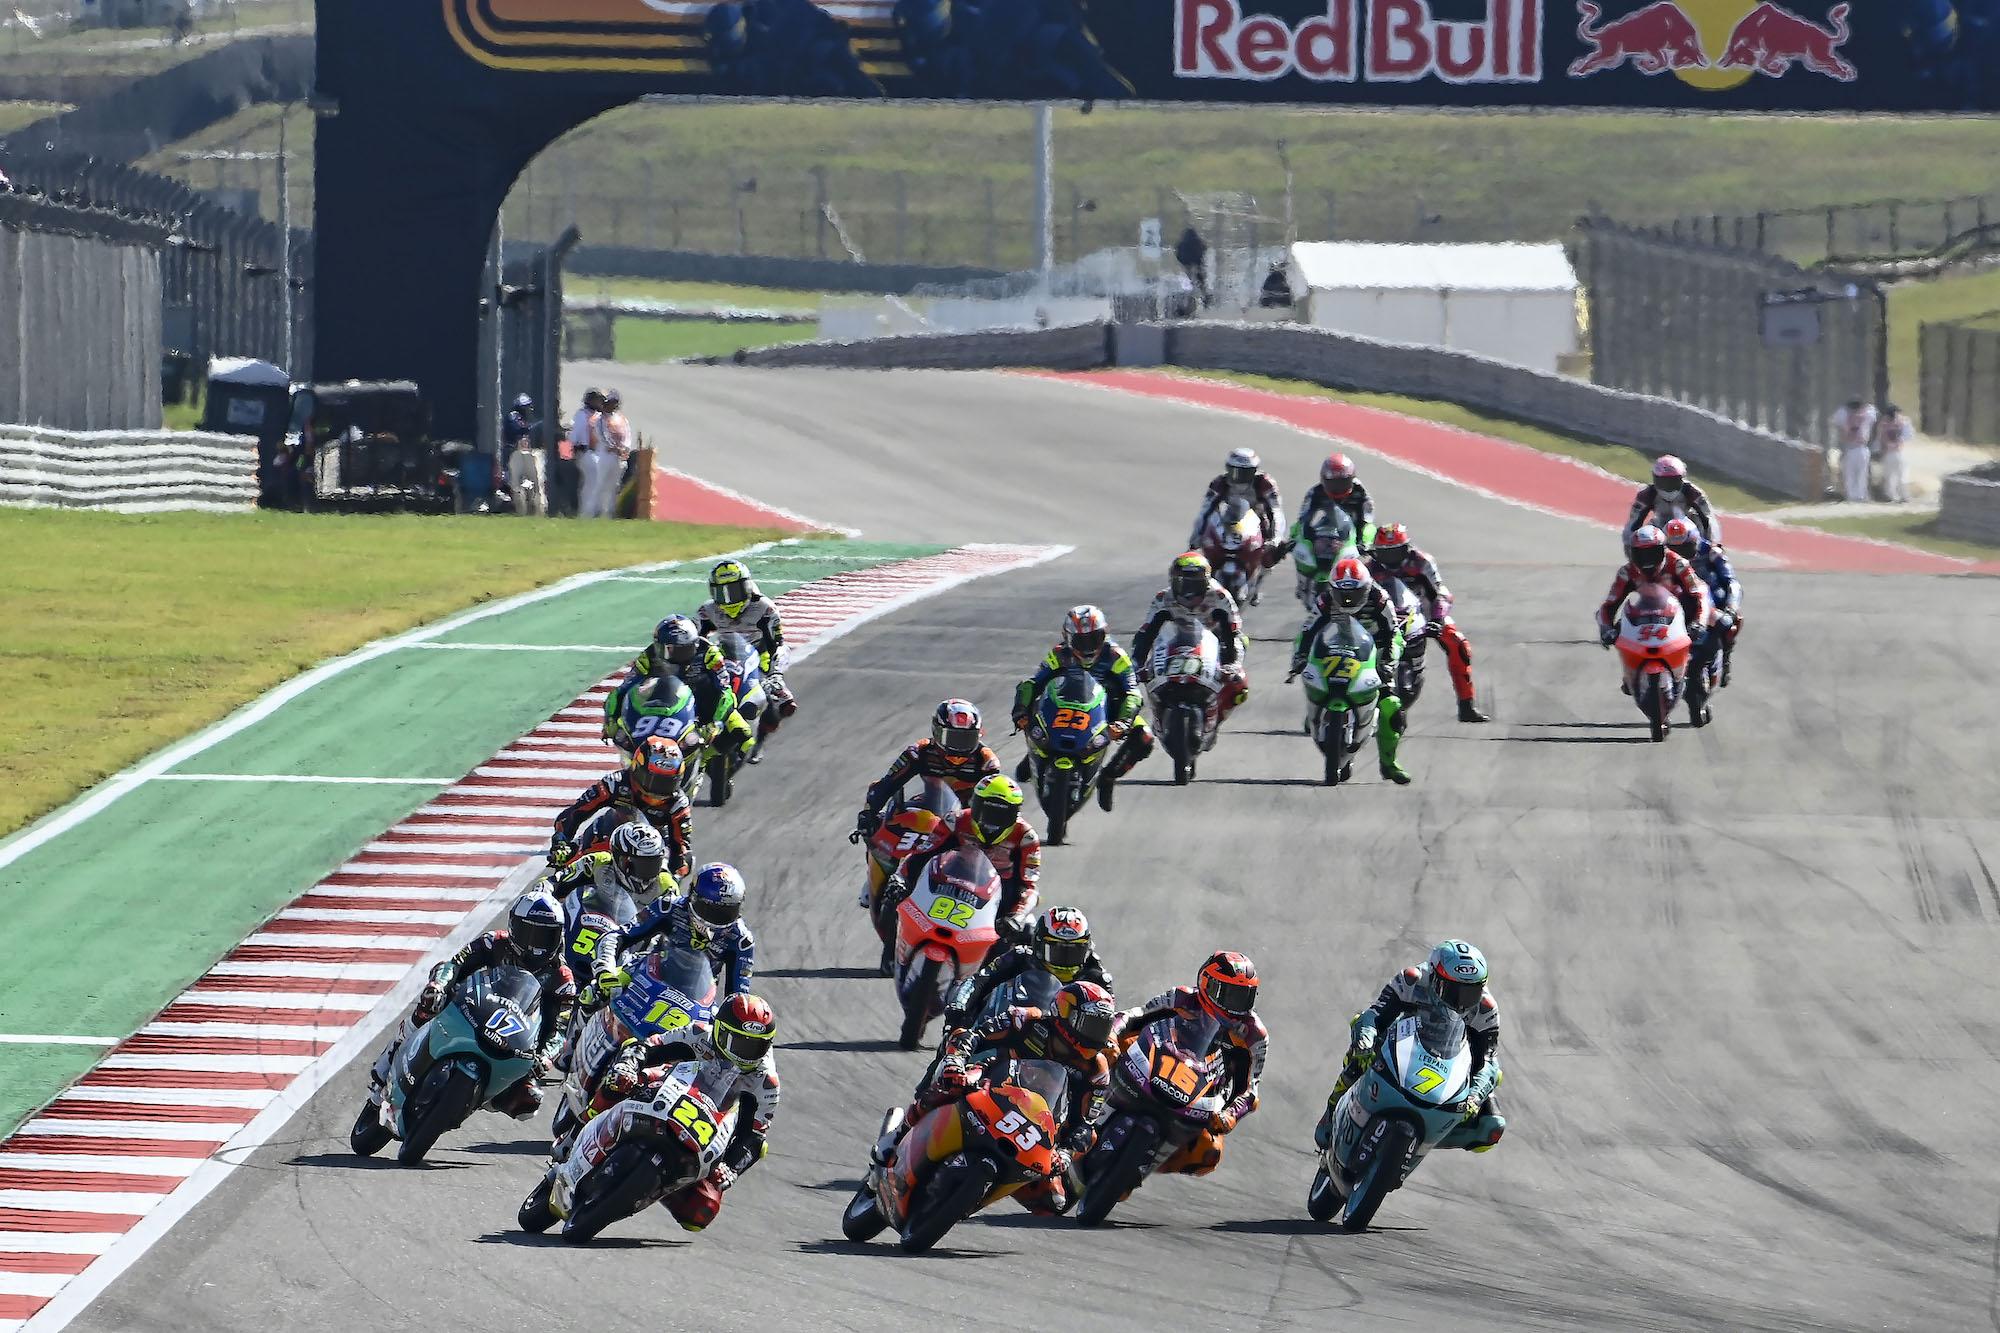 Stawka Moto3 podczas MotoGP na COTA w Austin (Teksas, USA)